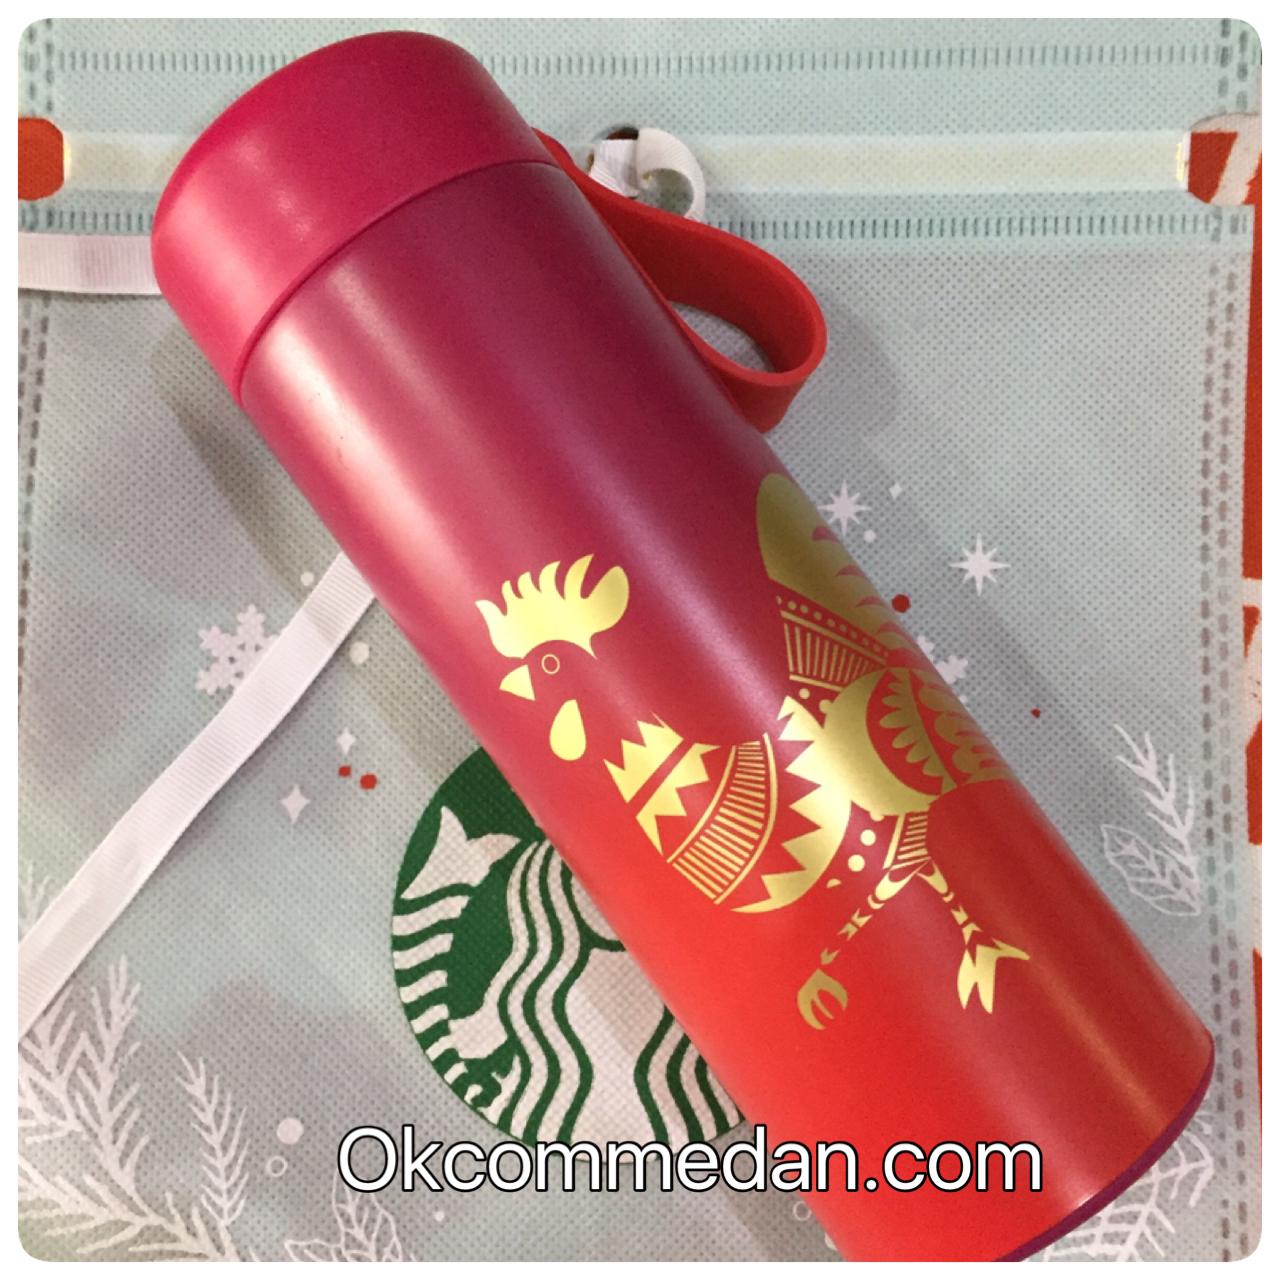 Starbucks tumbler strap rooster